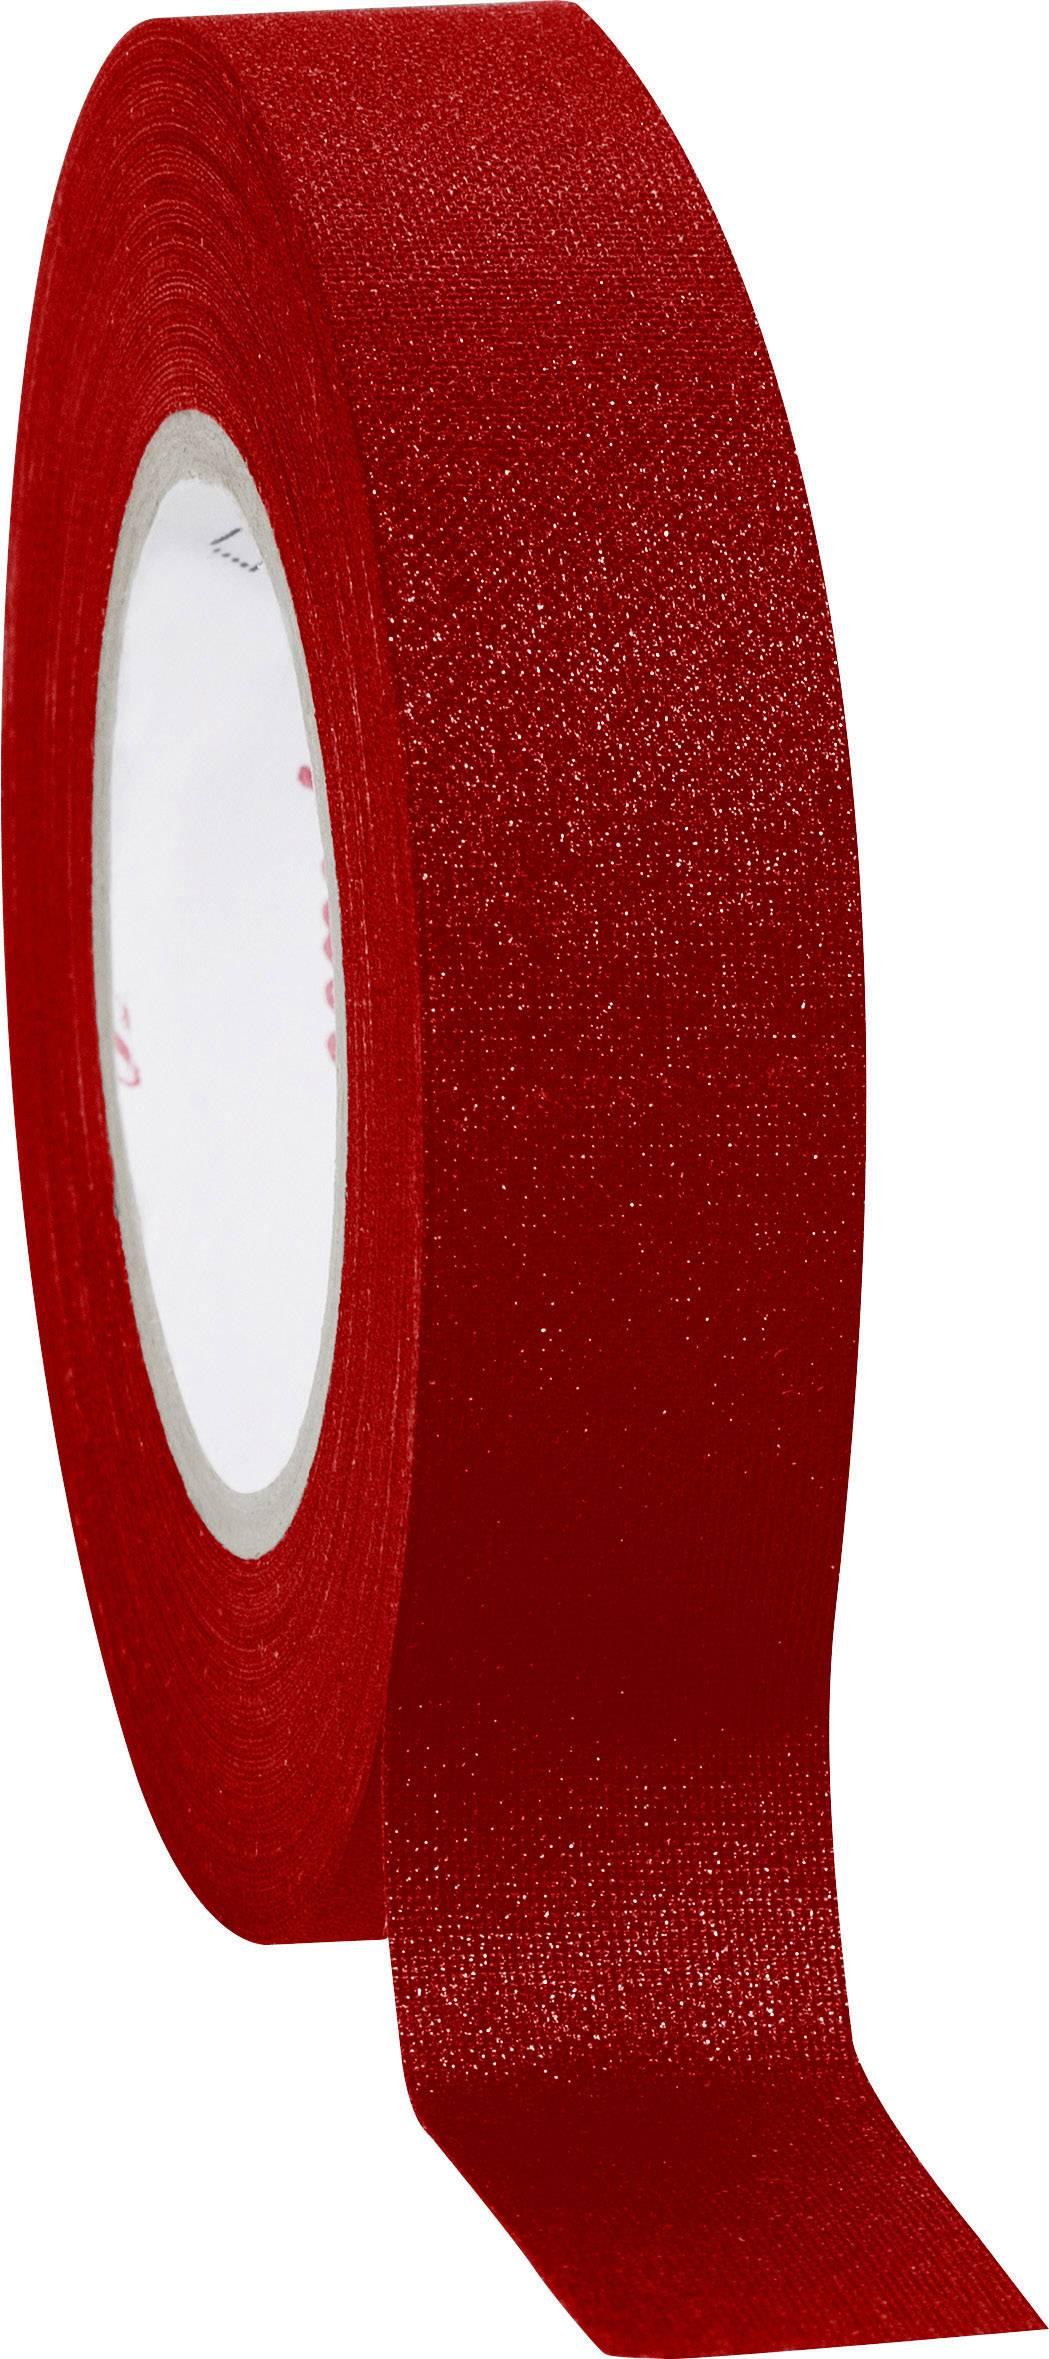 Páska so skleným vláknom Coroplast 39756 39756, (d x š) 10 m x 19 mm, červená, 1 roliek